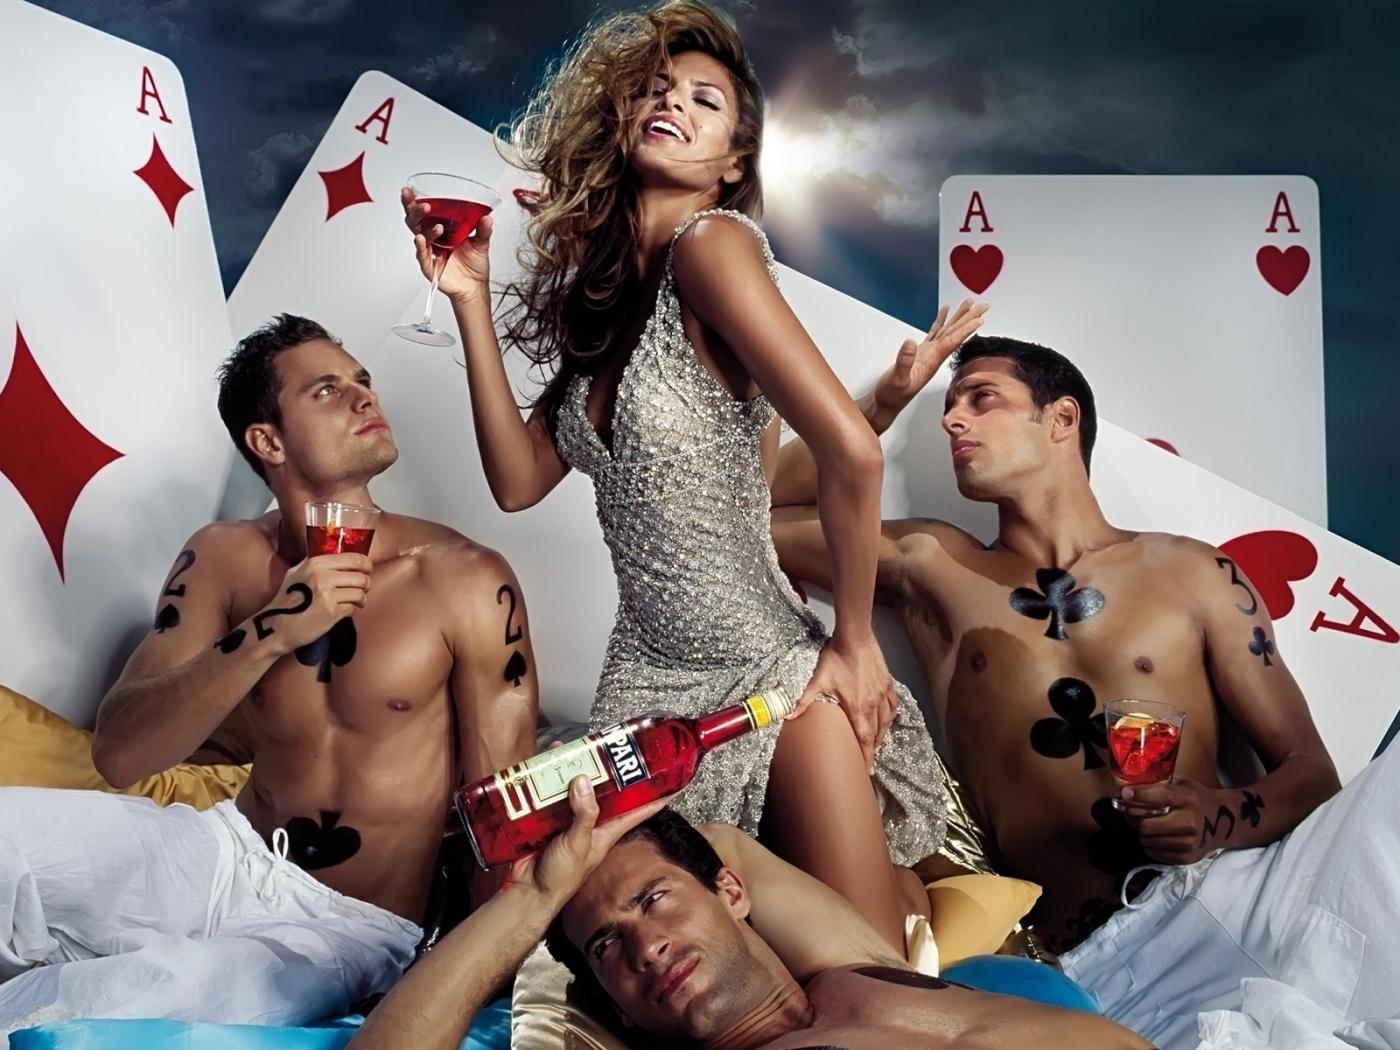 сами напились, сексуальные развлечения русских ролики сексапильными блондинками